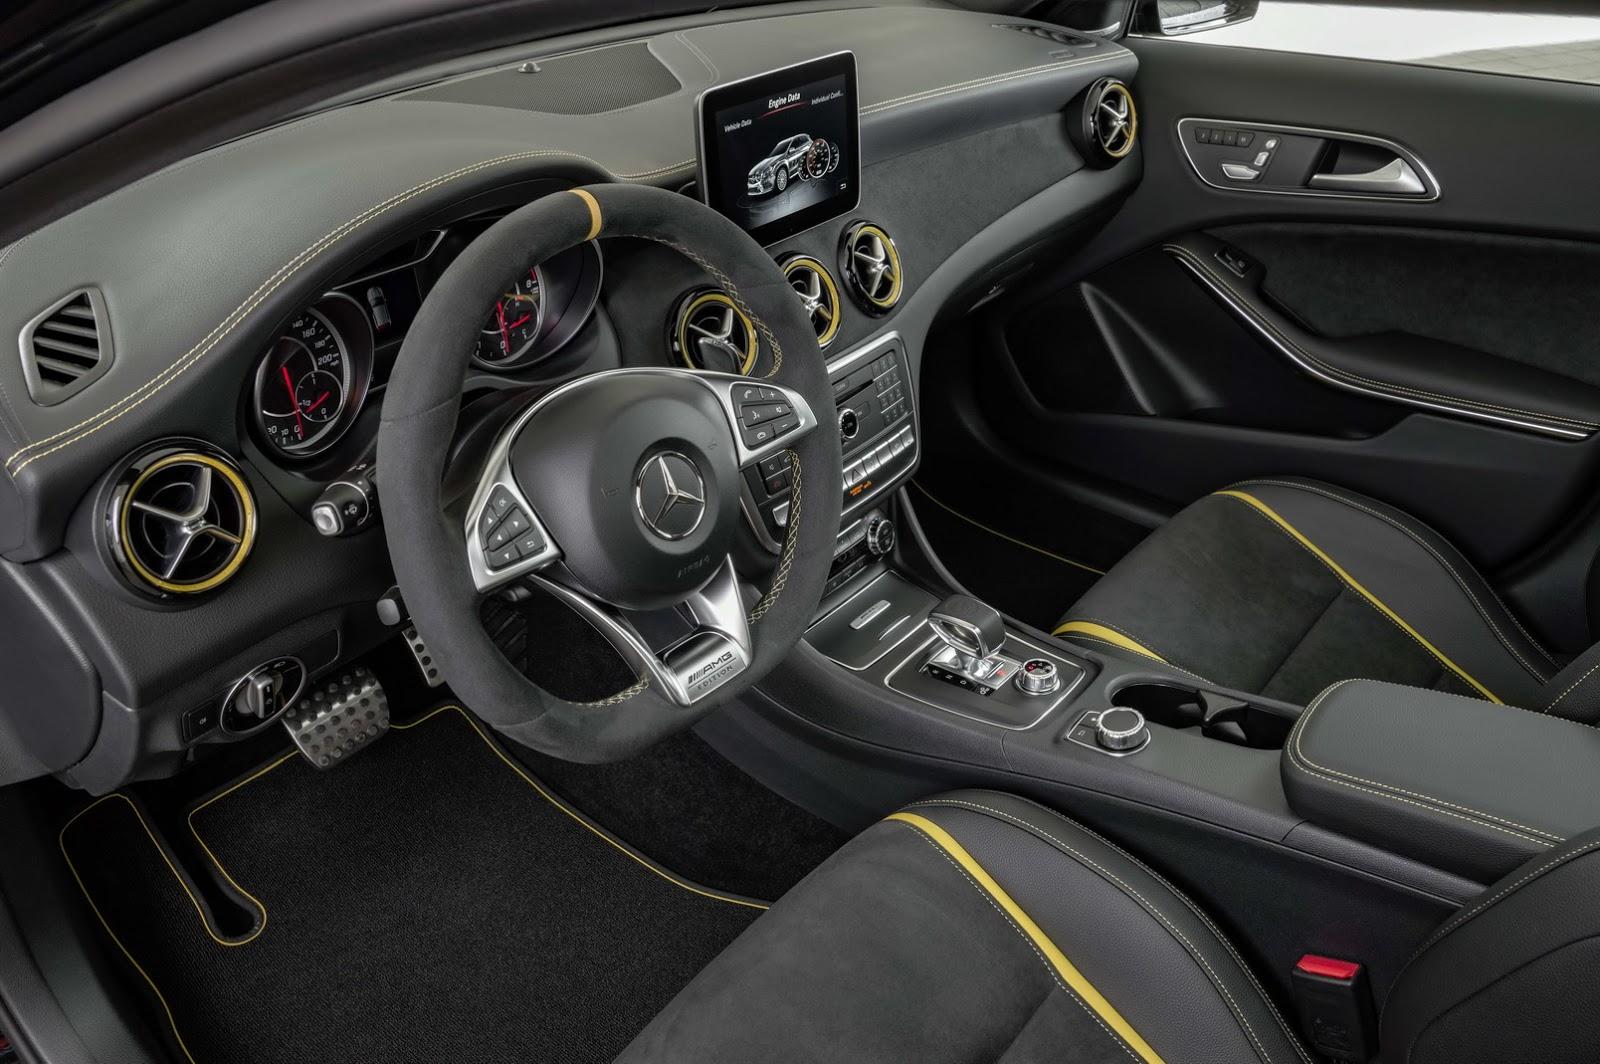 Mercedes GLA facelift and GLA 45 AMG facelift 2017 (77)